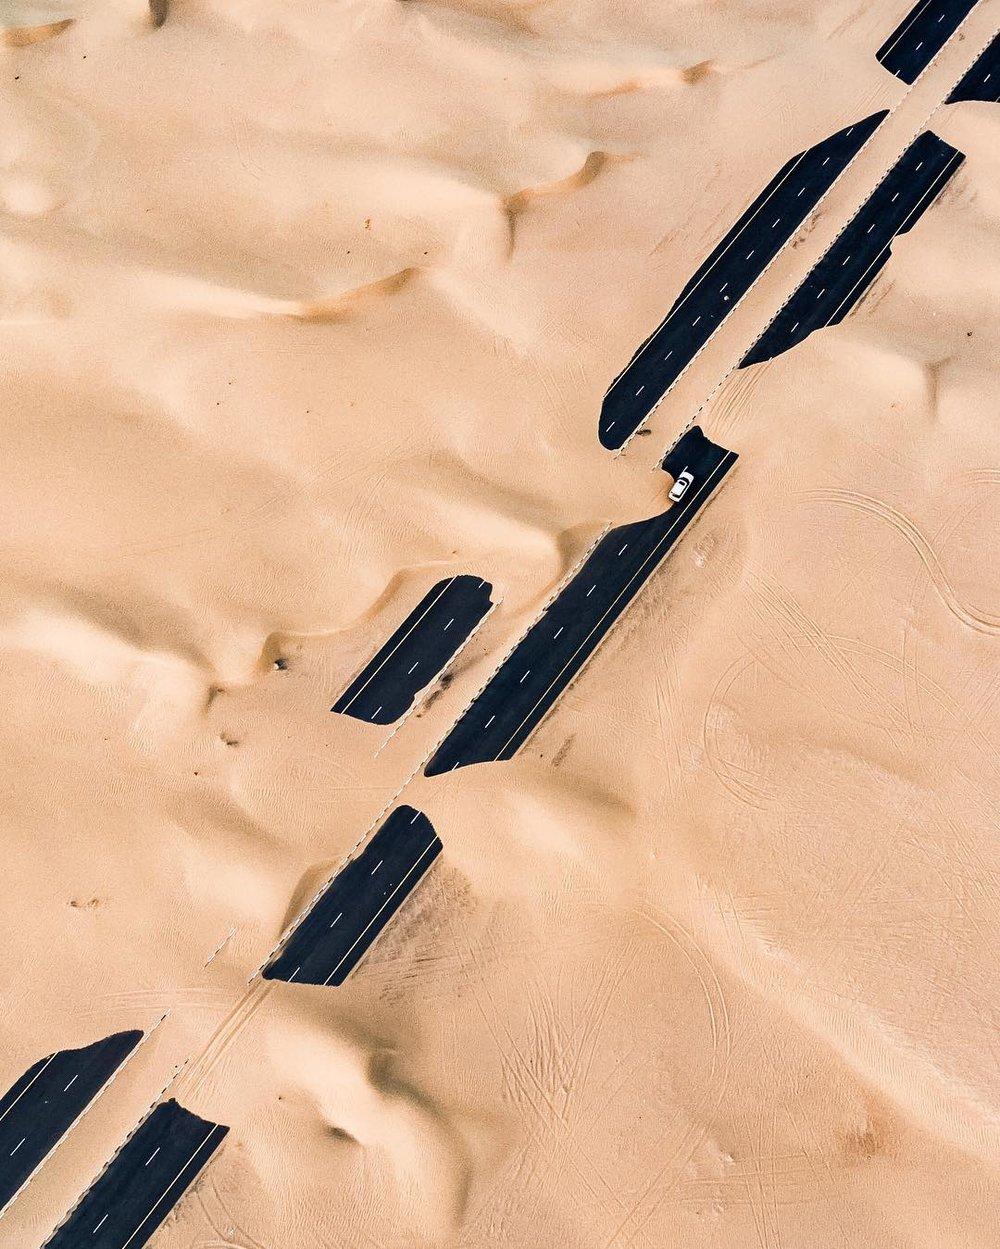 Irenaeus_Herok_Sandswept_Dubai_Highways_Moto-Mucci (2).jpg